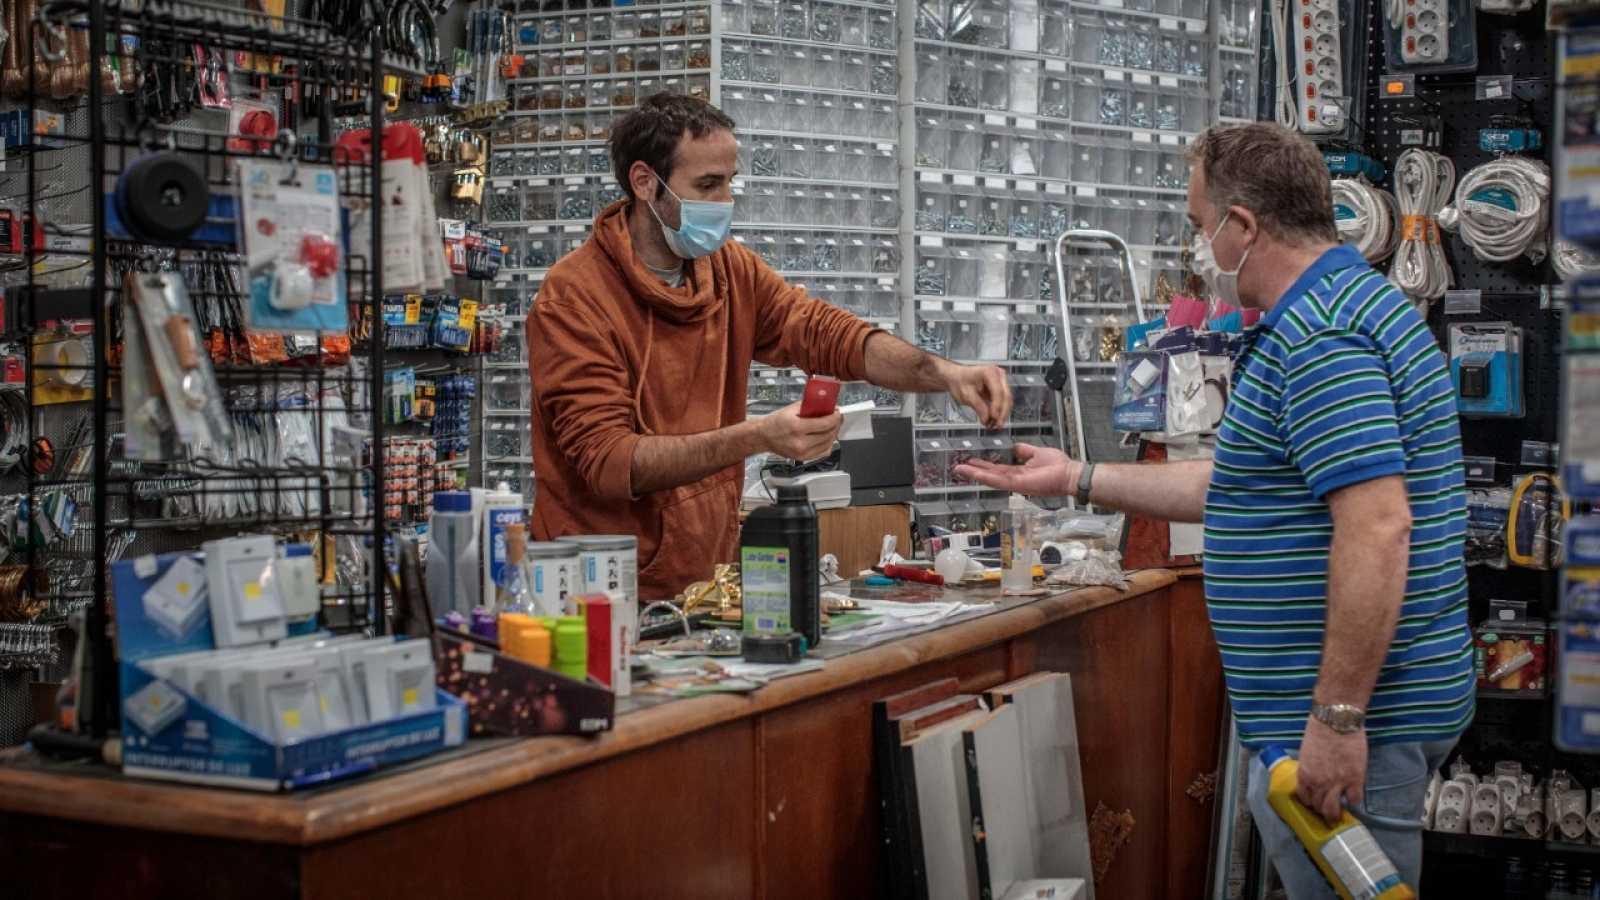 El responsable de una ferretería atiende a sus primeros clientes durante el primer día de la fase 0 de la desescalada.